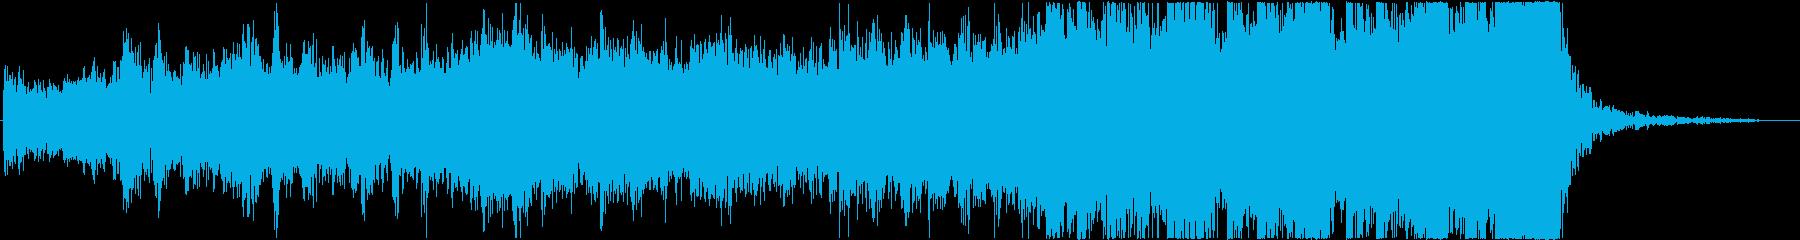 戦場へ向かう勇敢な兵士のシンセ&オケ曲の再生済みの波形